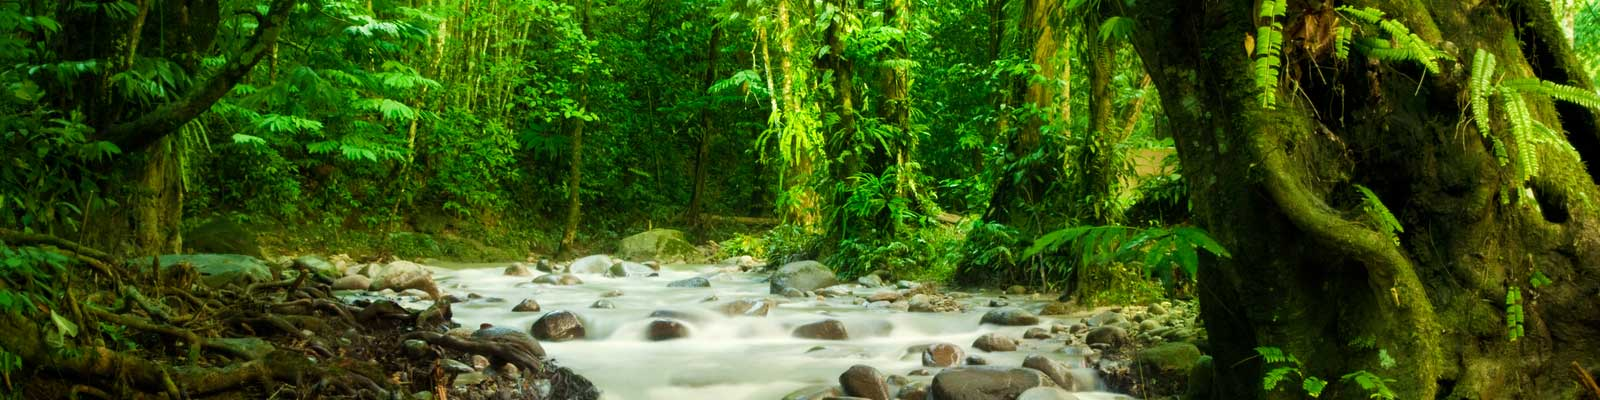 Costa Rica 03